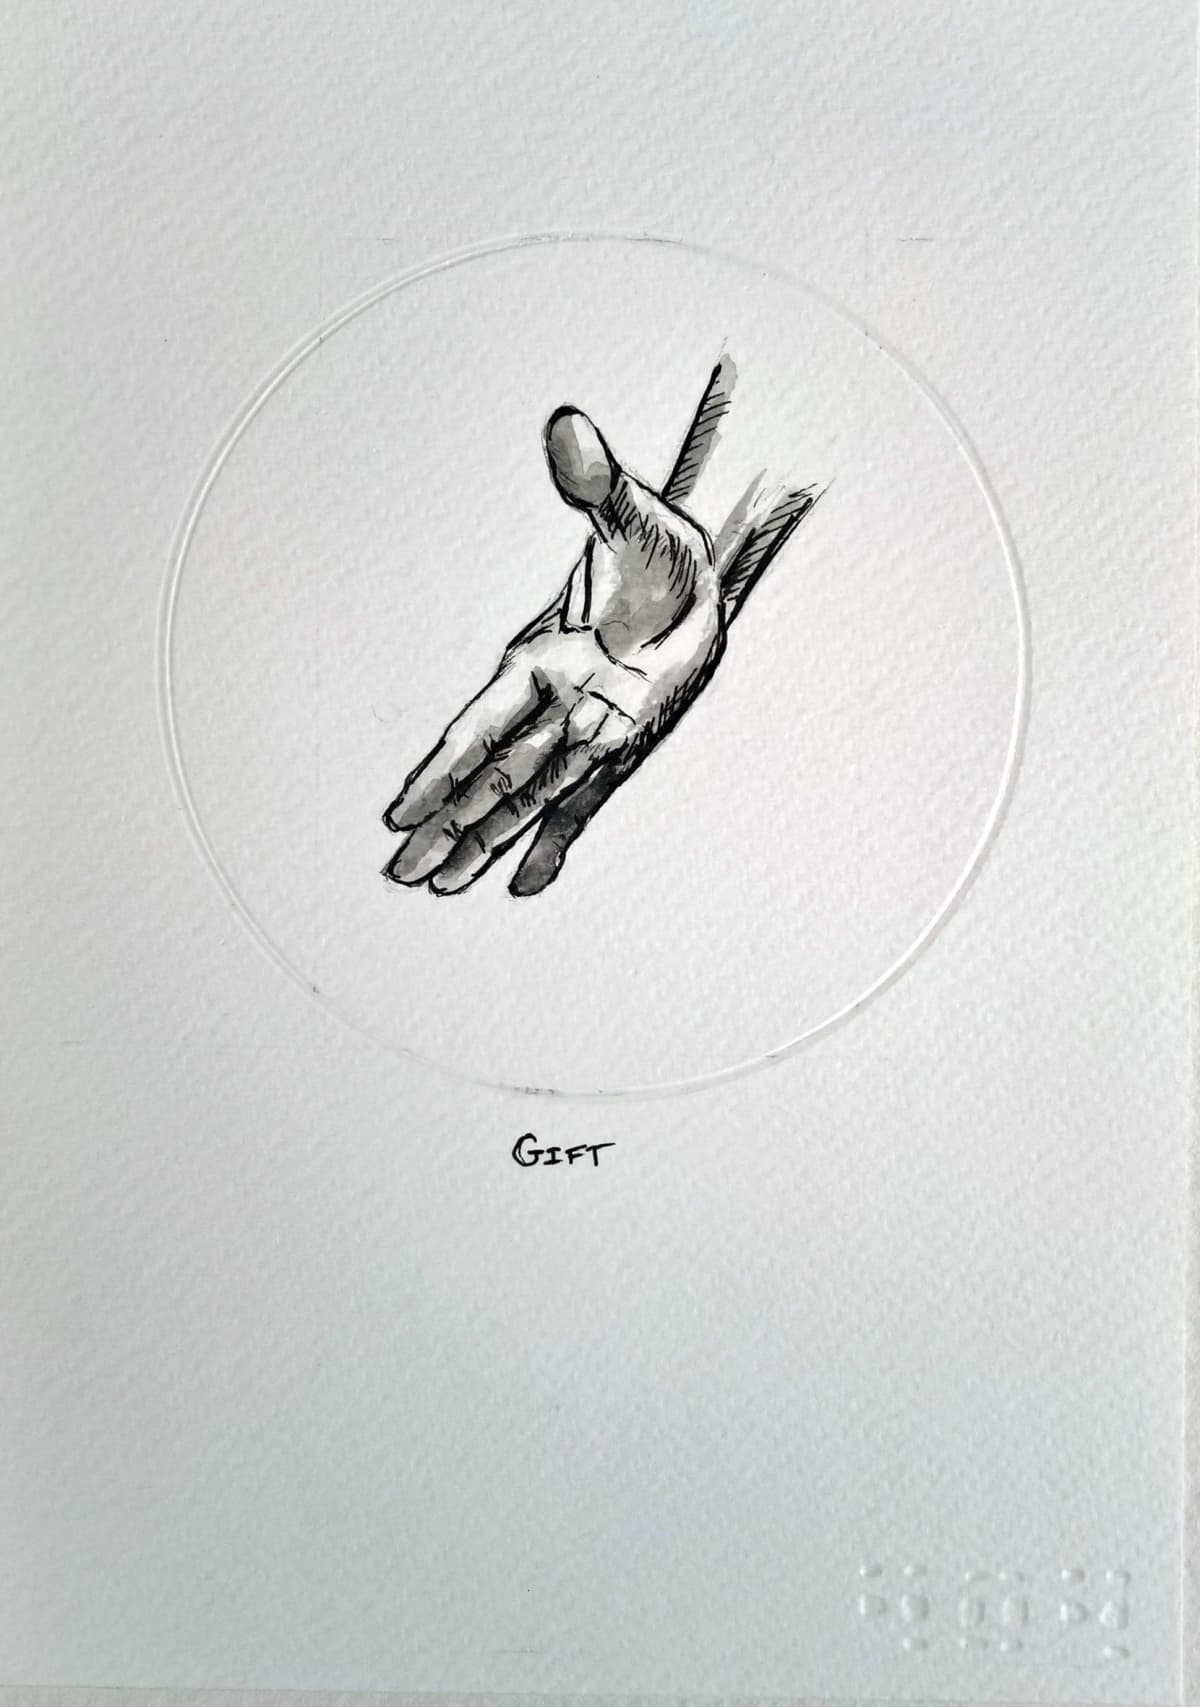 404, Gift (B), 2018